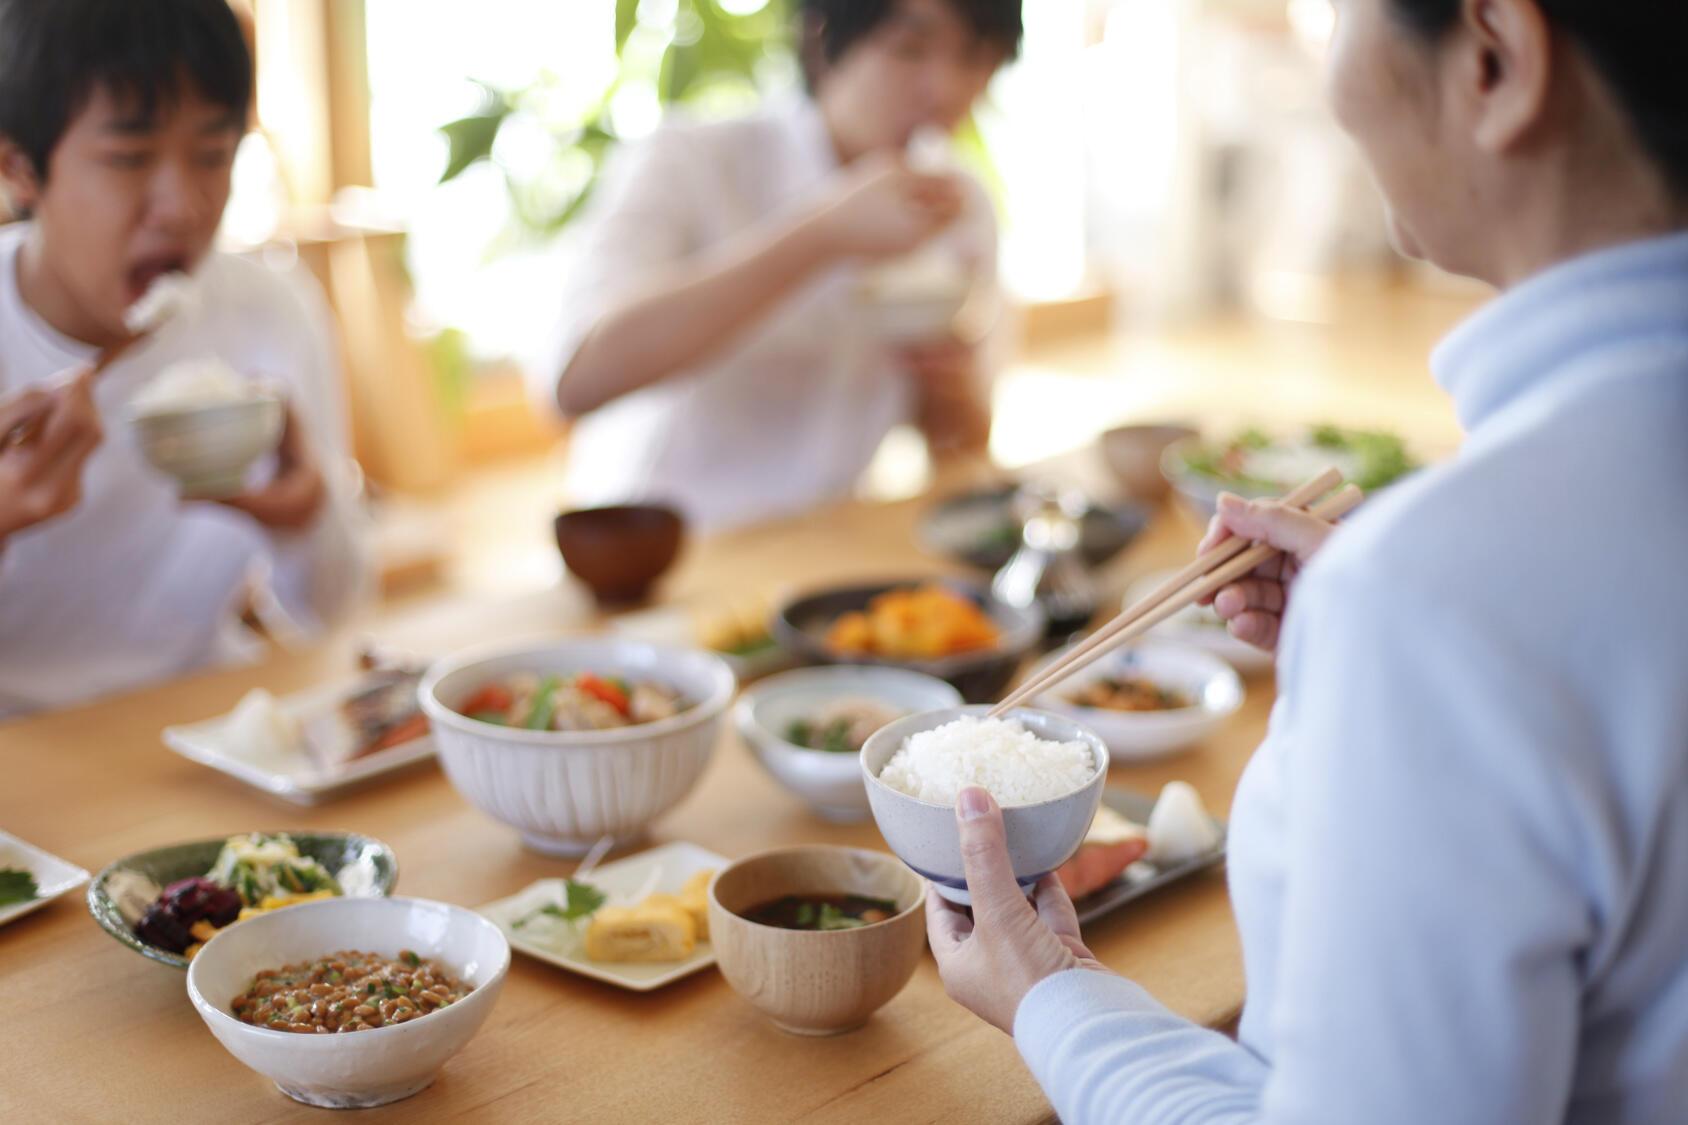 令和の時代にふさわしい食と健康のあり方 新たな時代の『食と健康』シンポジウム動画を公開